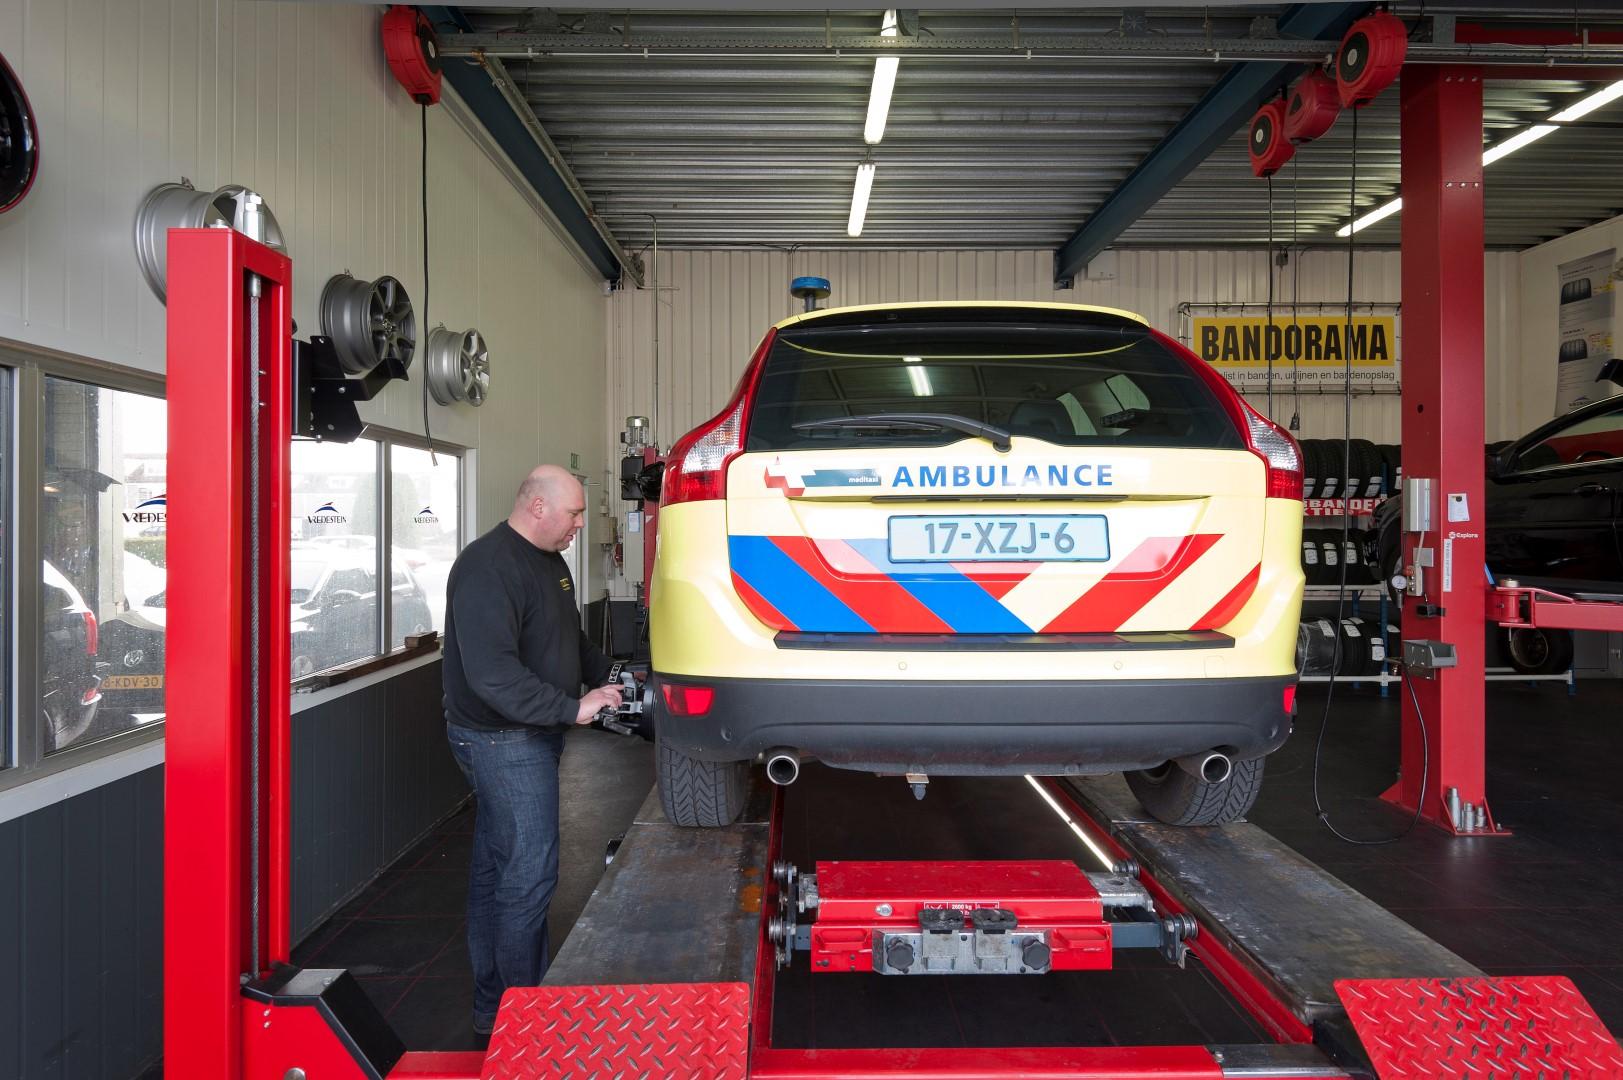 Met geavanceerde apparatuur meten wij de stand van uw banden om de auto uit te kunnen lijnen